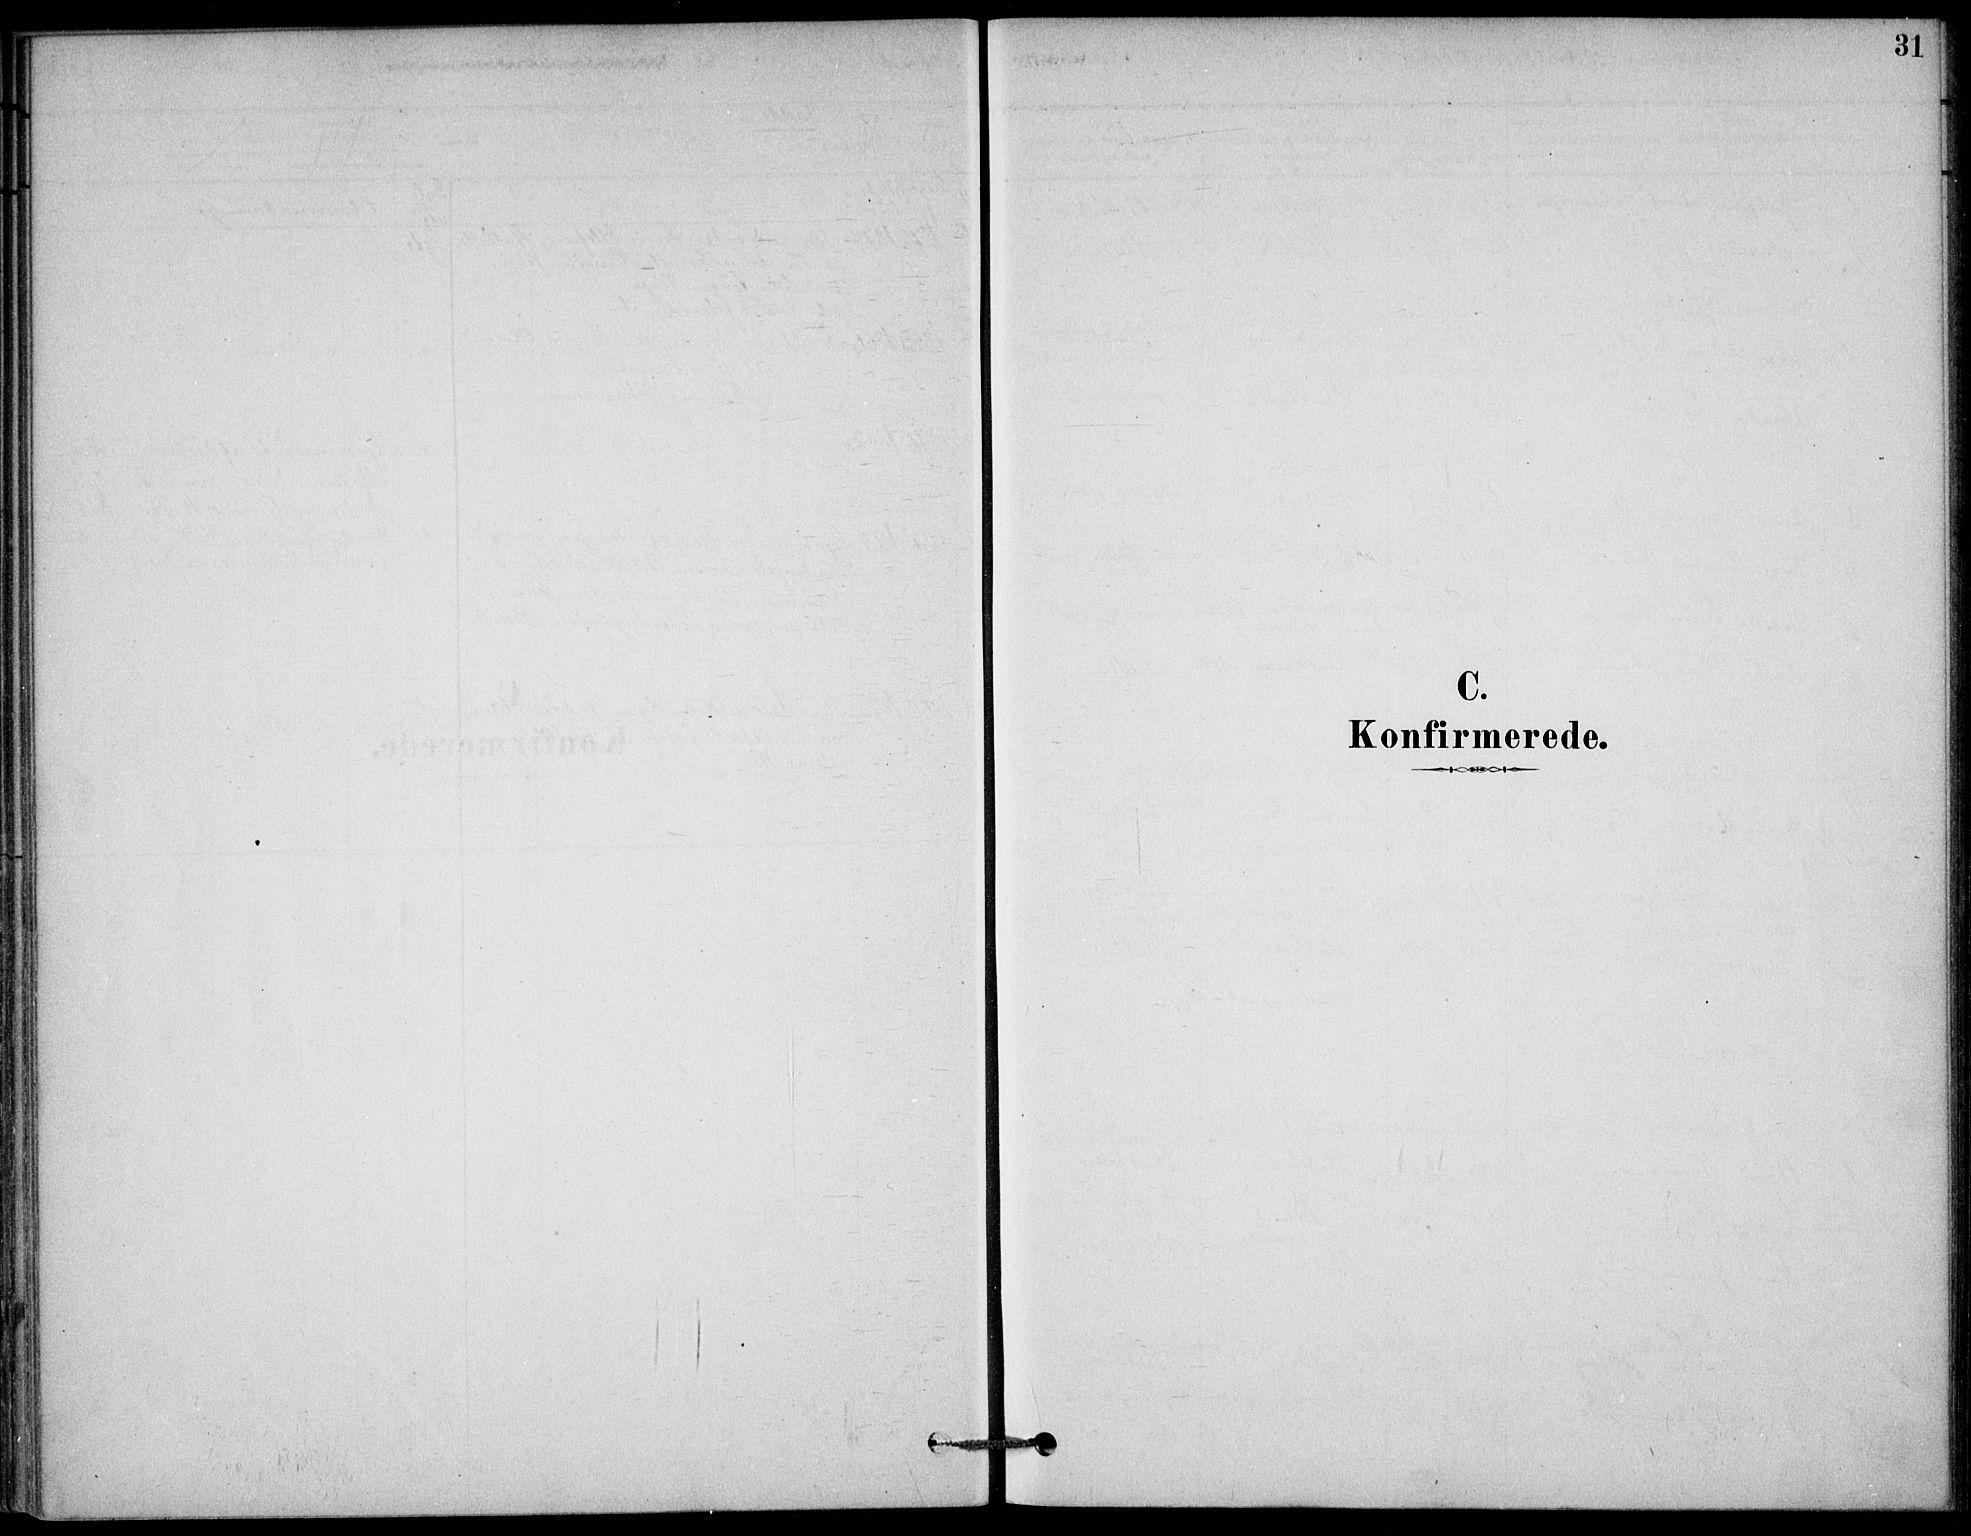 SAKO, Bamble kirkebøker, G/Gb/L0001: Klokkerbok nr. II 1, 1878-1900, s. 31